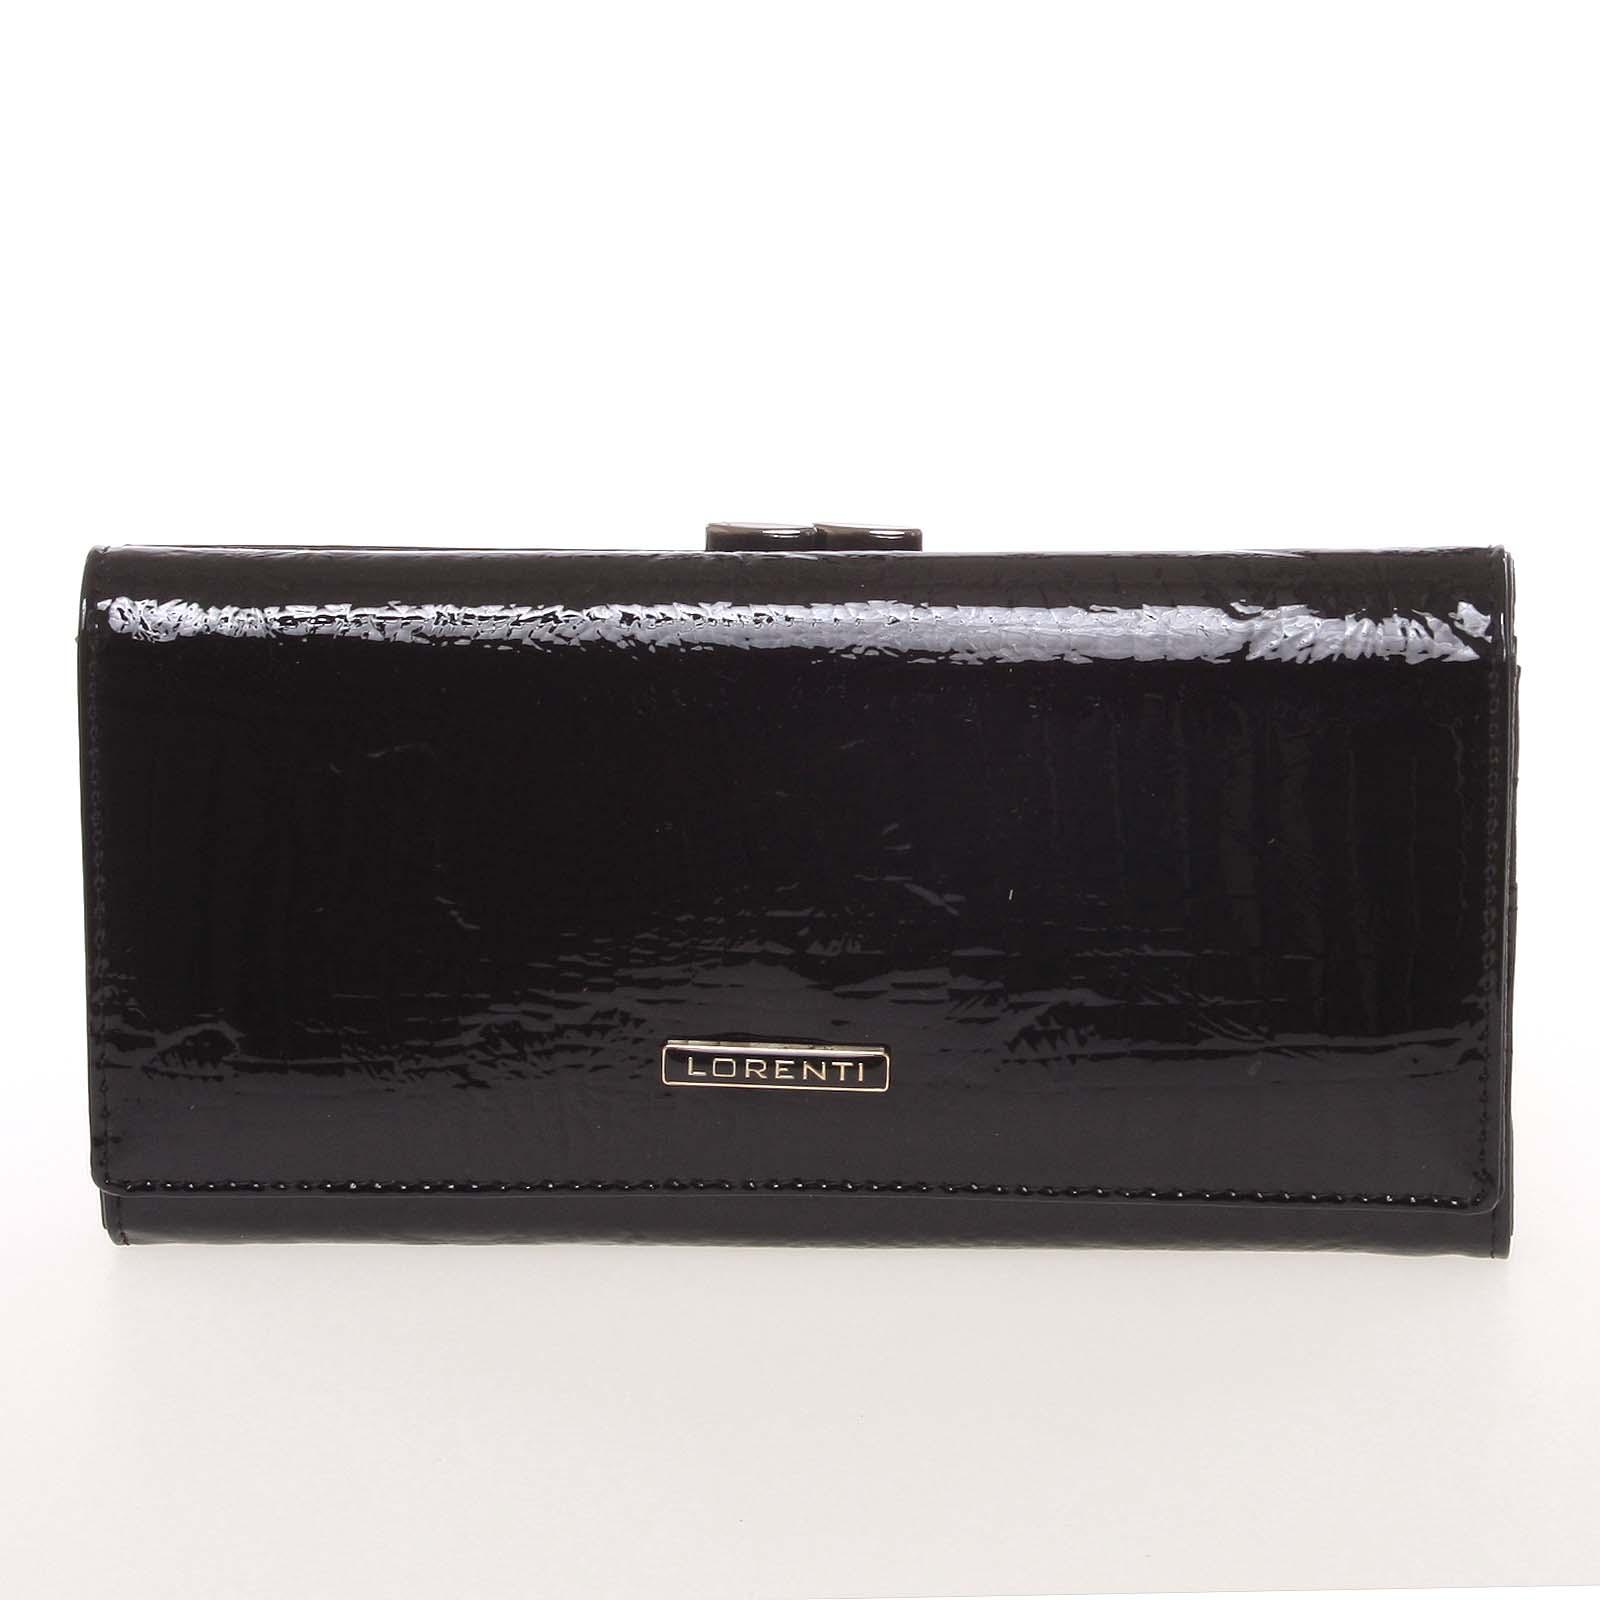 Lakovaná kožená čierna peňaženka s jemným vzorom - Lorenti 72031RSBF